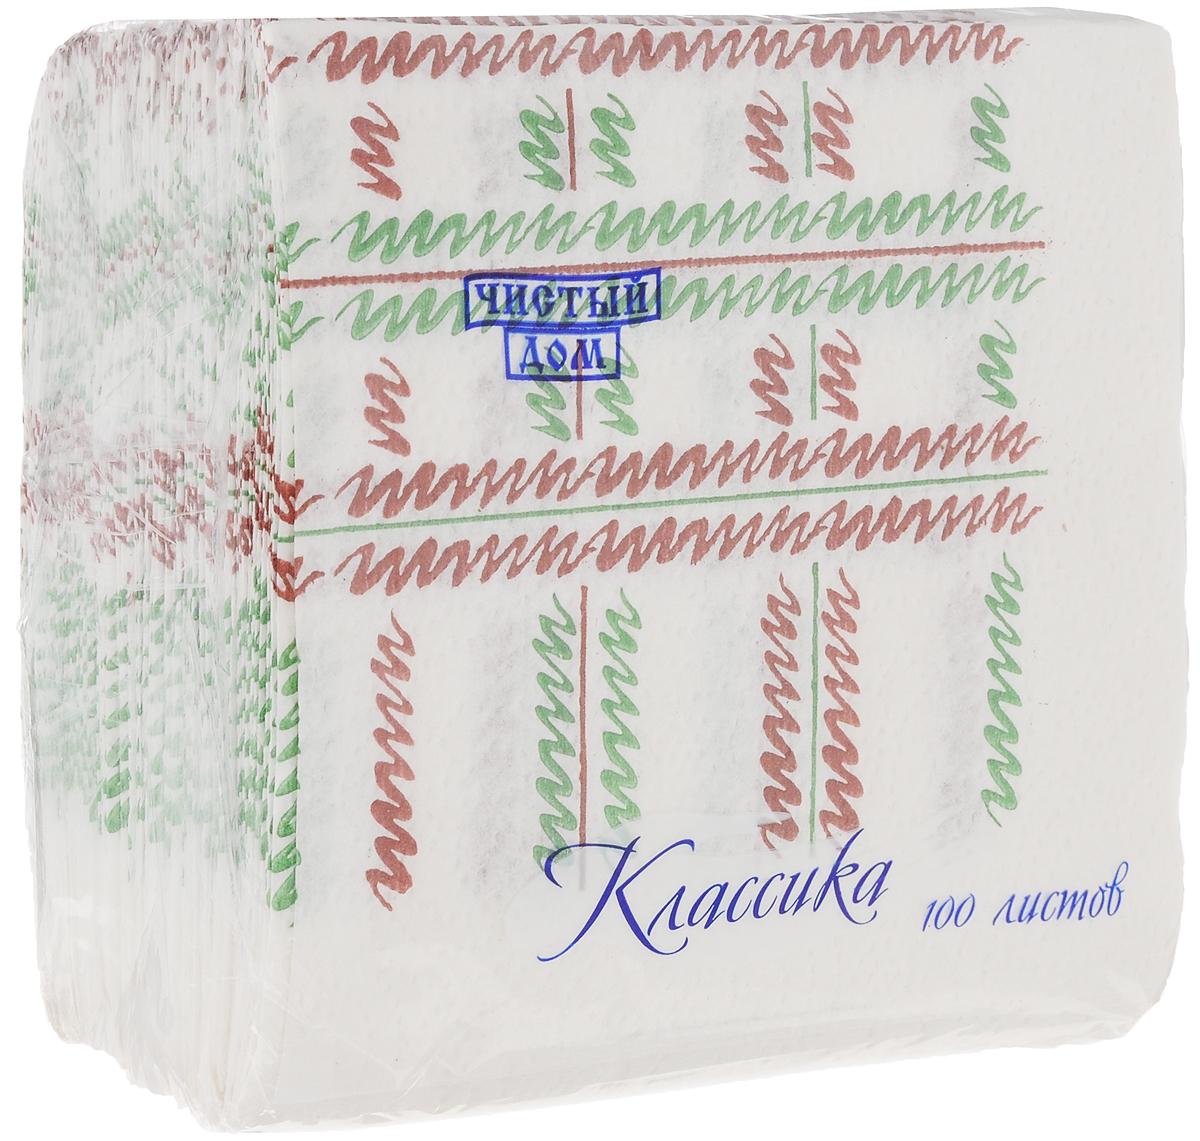 Салфетки бумажные Чистый дом Классика. Штрихи, однослойные, цвет: белый, зеленый, коричневый, 25 х 25 см, 100 шт7426Однослойные салфетки Чистый дом Классика выполнены из 100% целлюлозы и оформлены оригинальным рисунком. Они подходят для косметического, санитарно-гигиенического и хозяйственного назначения. Изделия нежные и мягкие.Размер салфеток: 25 х 25 см.Количество слоев: 1.